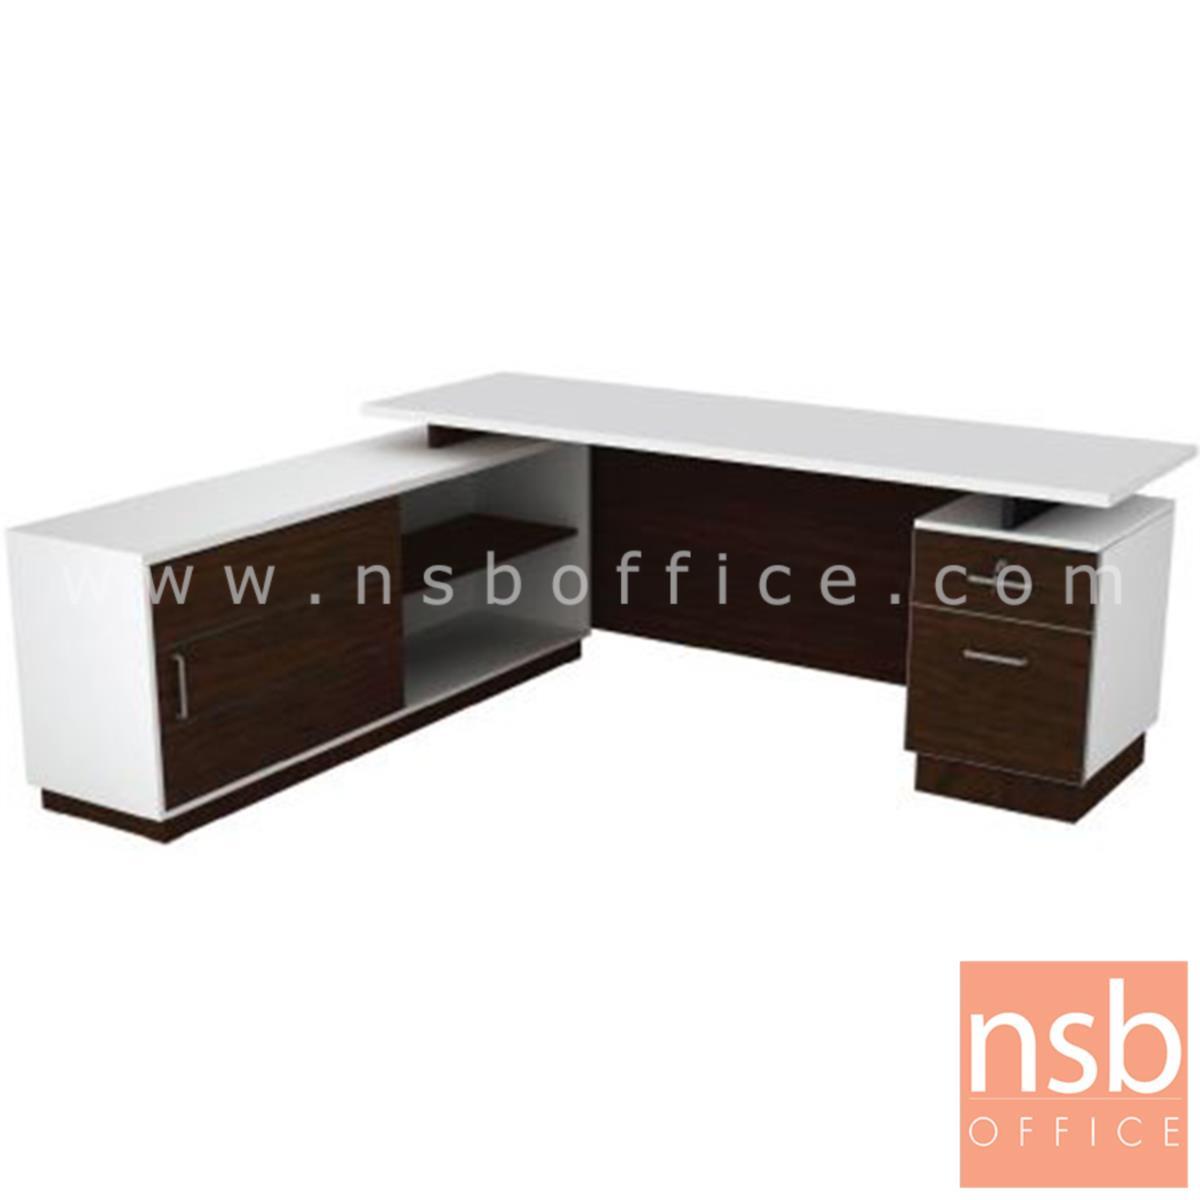 A15A008:โต๊ะทำงานตัวแอล 2 ลิ้นชัก รุ่น Breyer (เบรเยอร์) ขนาด 1801W*180W2 cm. พร้อมตู้ข้าง สีเวงเก้-ขาว